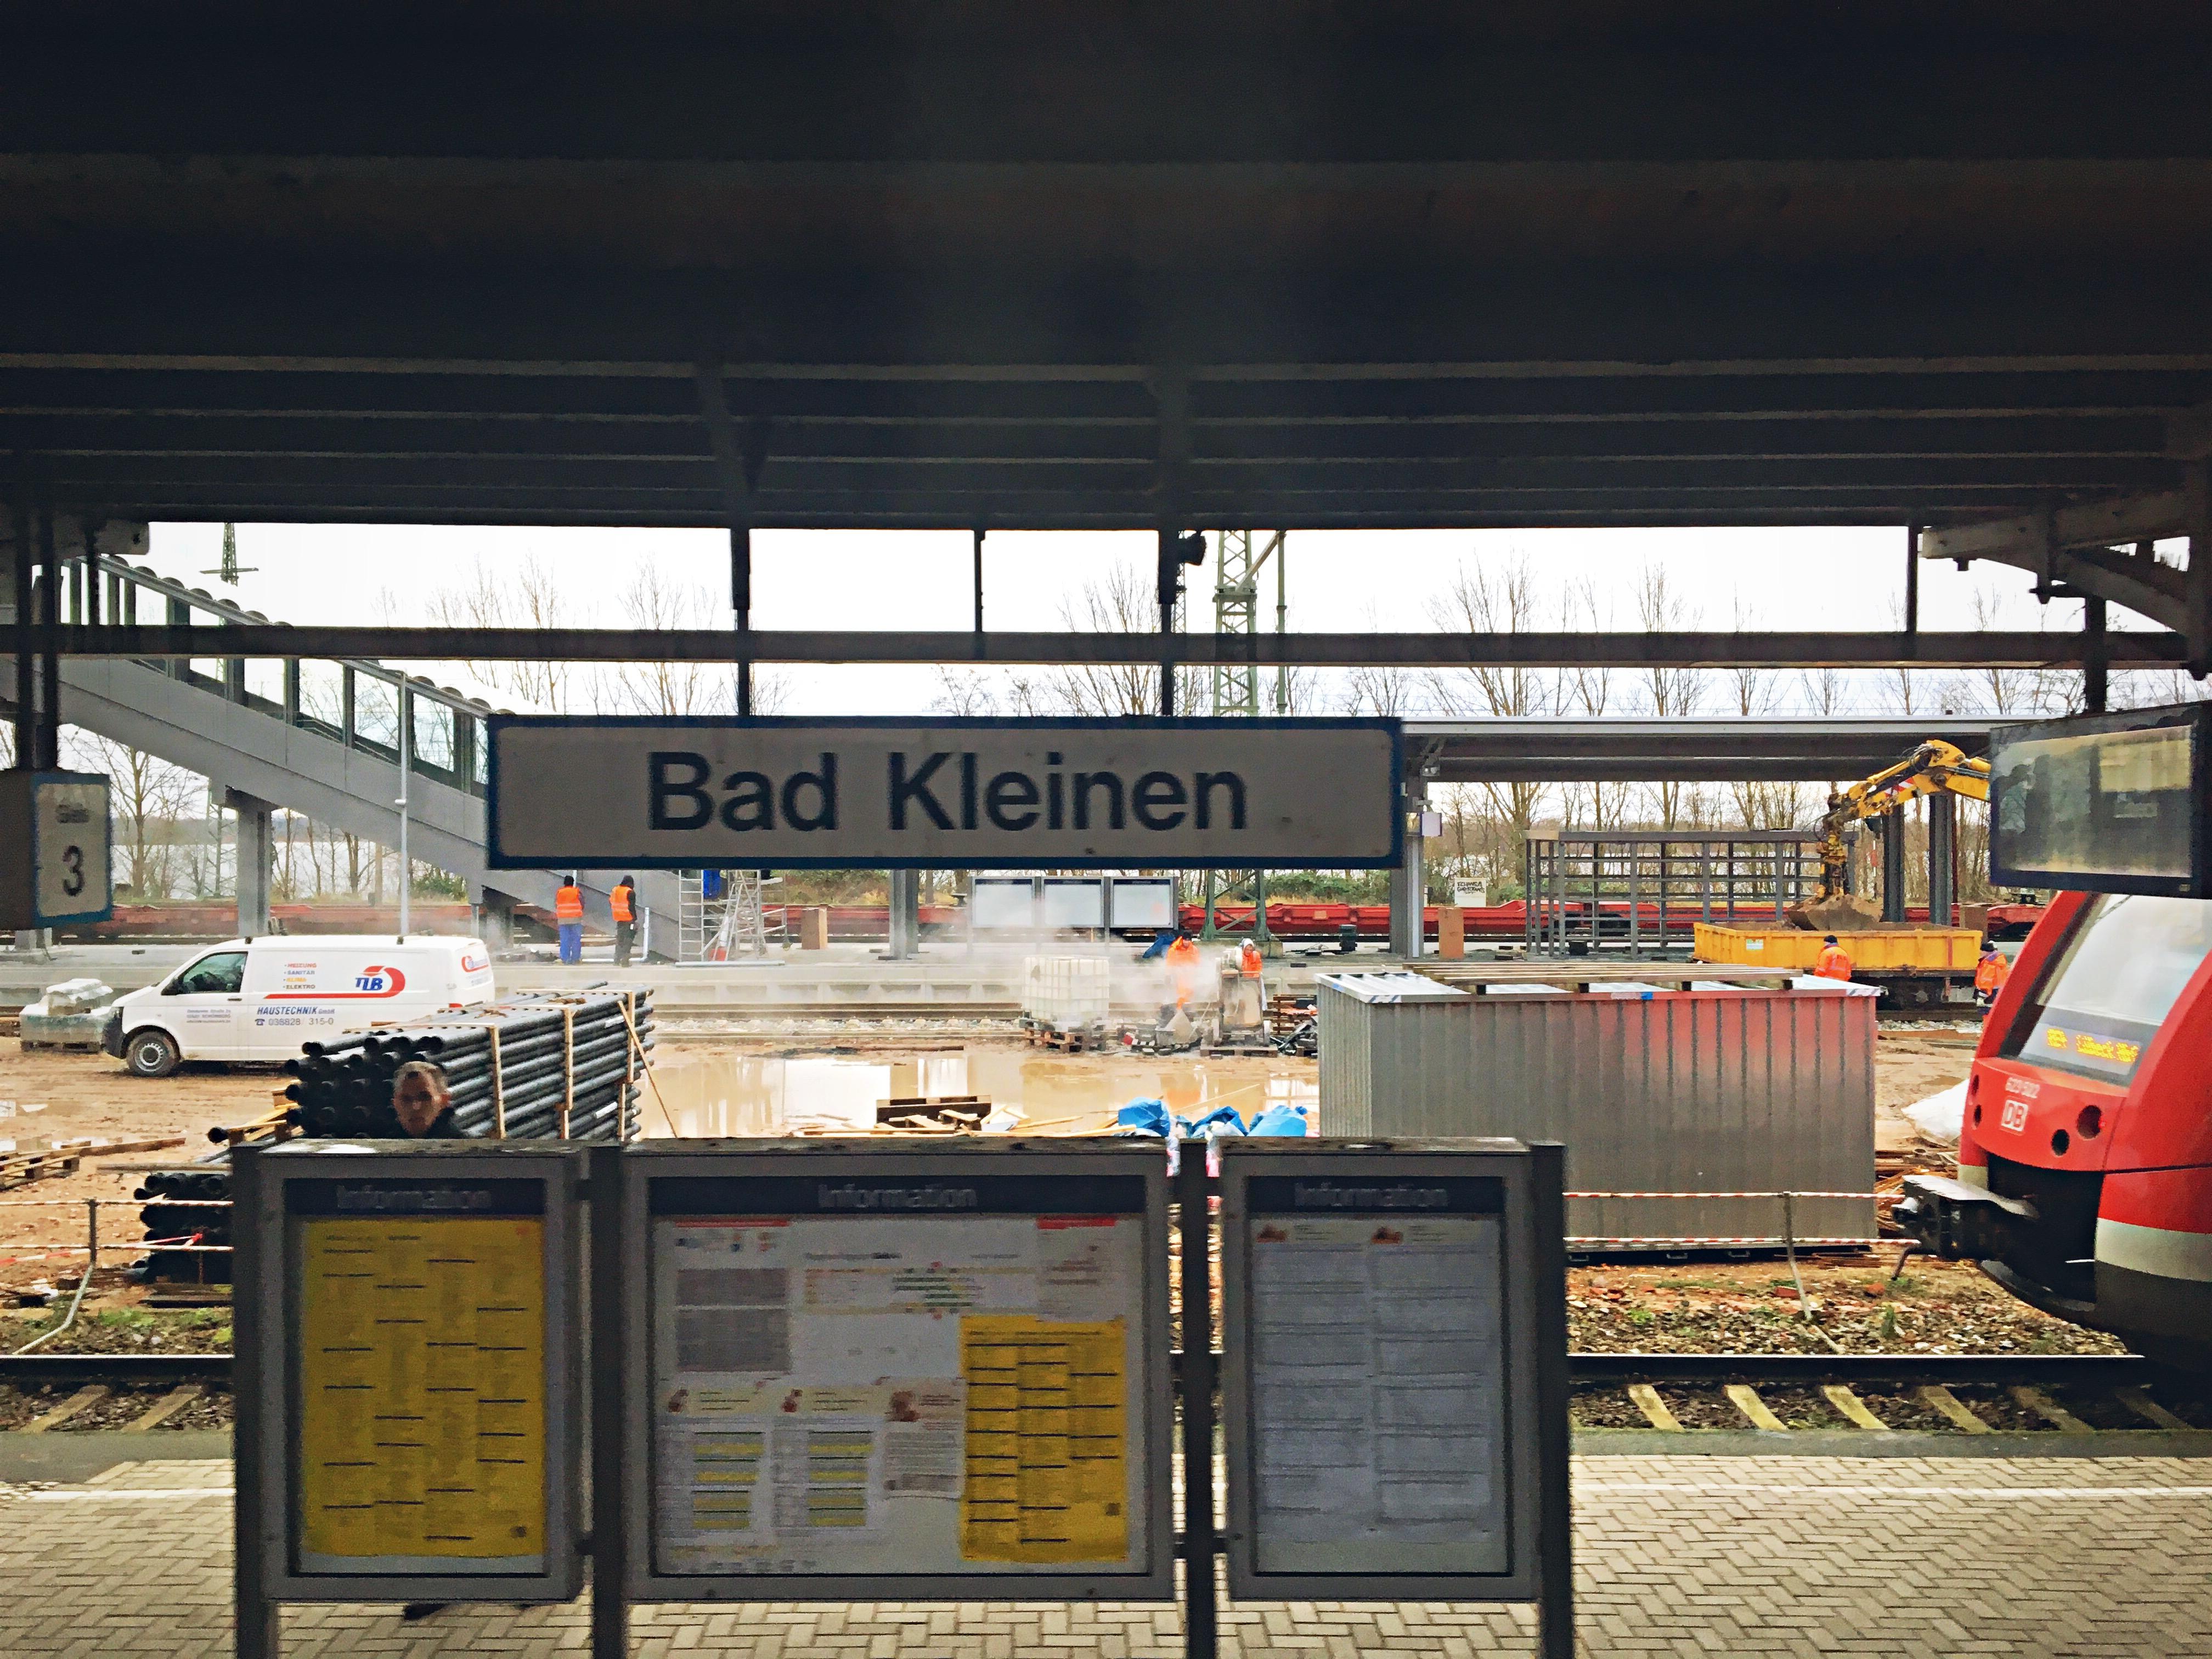 Baugeräte und Baustelle am Bahnhof Bad Kleinen